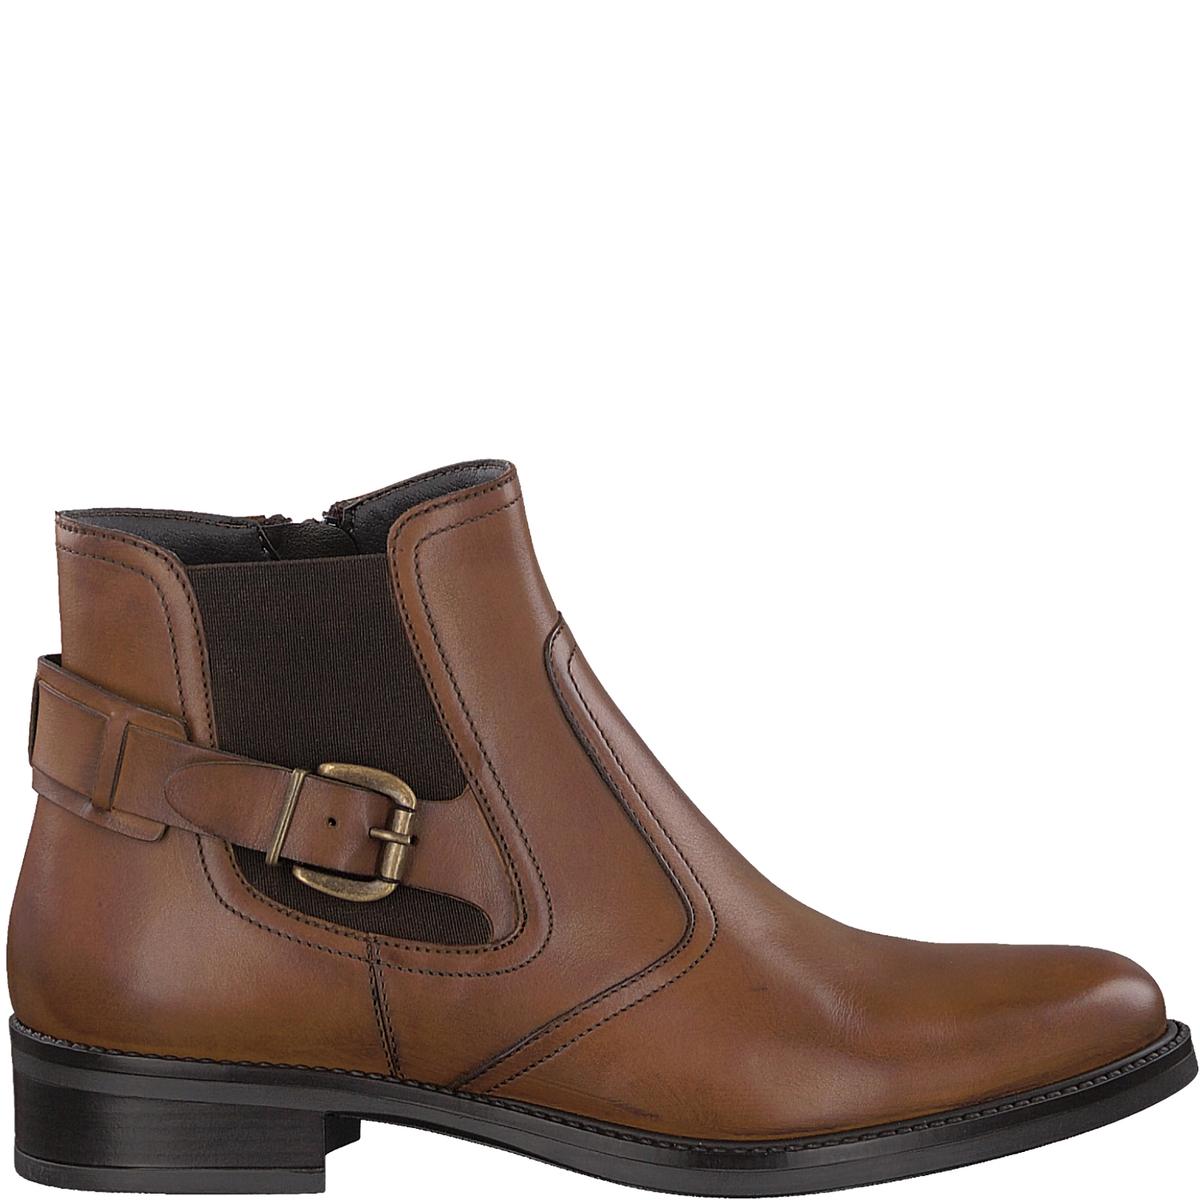 Ботильоны кожаные JessyДетали •  Высота голенища : 11 см для размера 37 •  Высота каблука : 2,5 см •  Застежка : на молнию •  Круглый мысокСостав и уход •  Верх 100% кожа •  Подкладка 100% текстиль •  Стелька 100% текстиль •  Подошва 100% синтетический материал<br><br>Цвет: коньячный,черный<br>Размер: 38.40.37